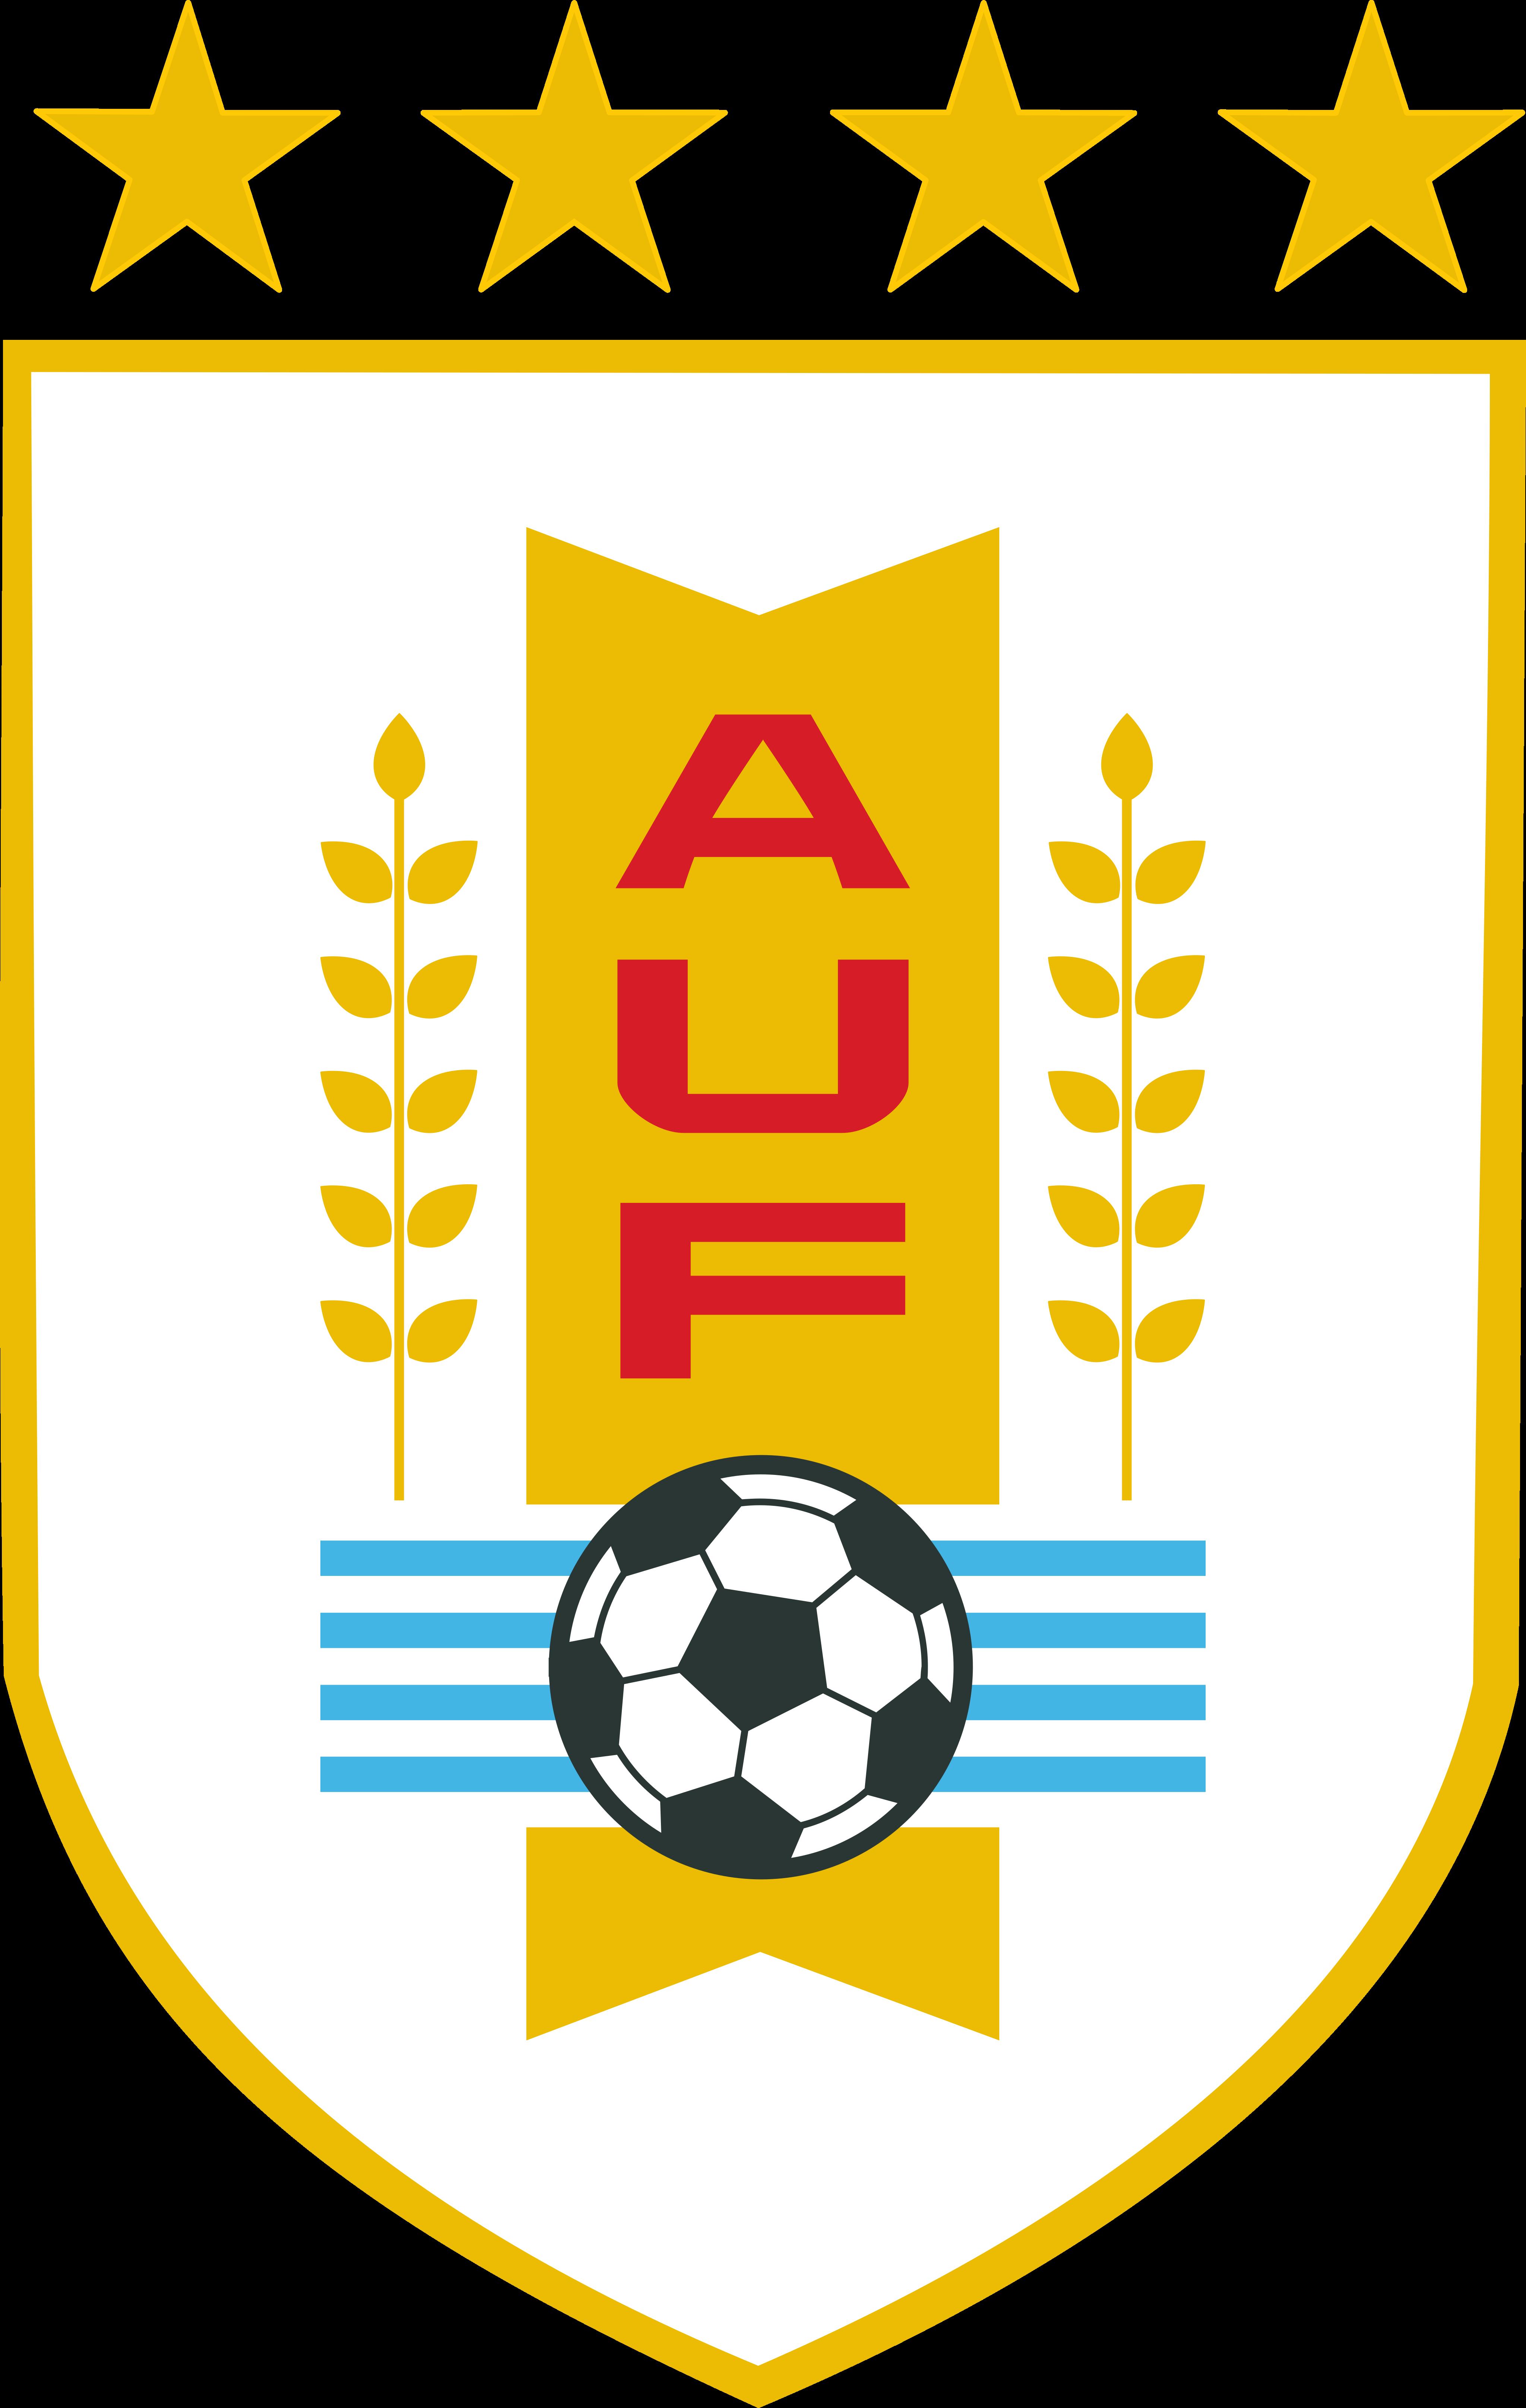 auf seleccion de futbol de uruguay logo 1 - AUF Logo - Selección de fútbol de Uruguay Logo